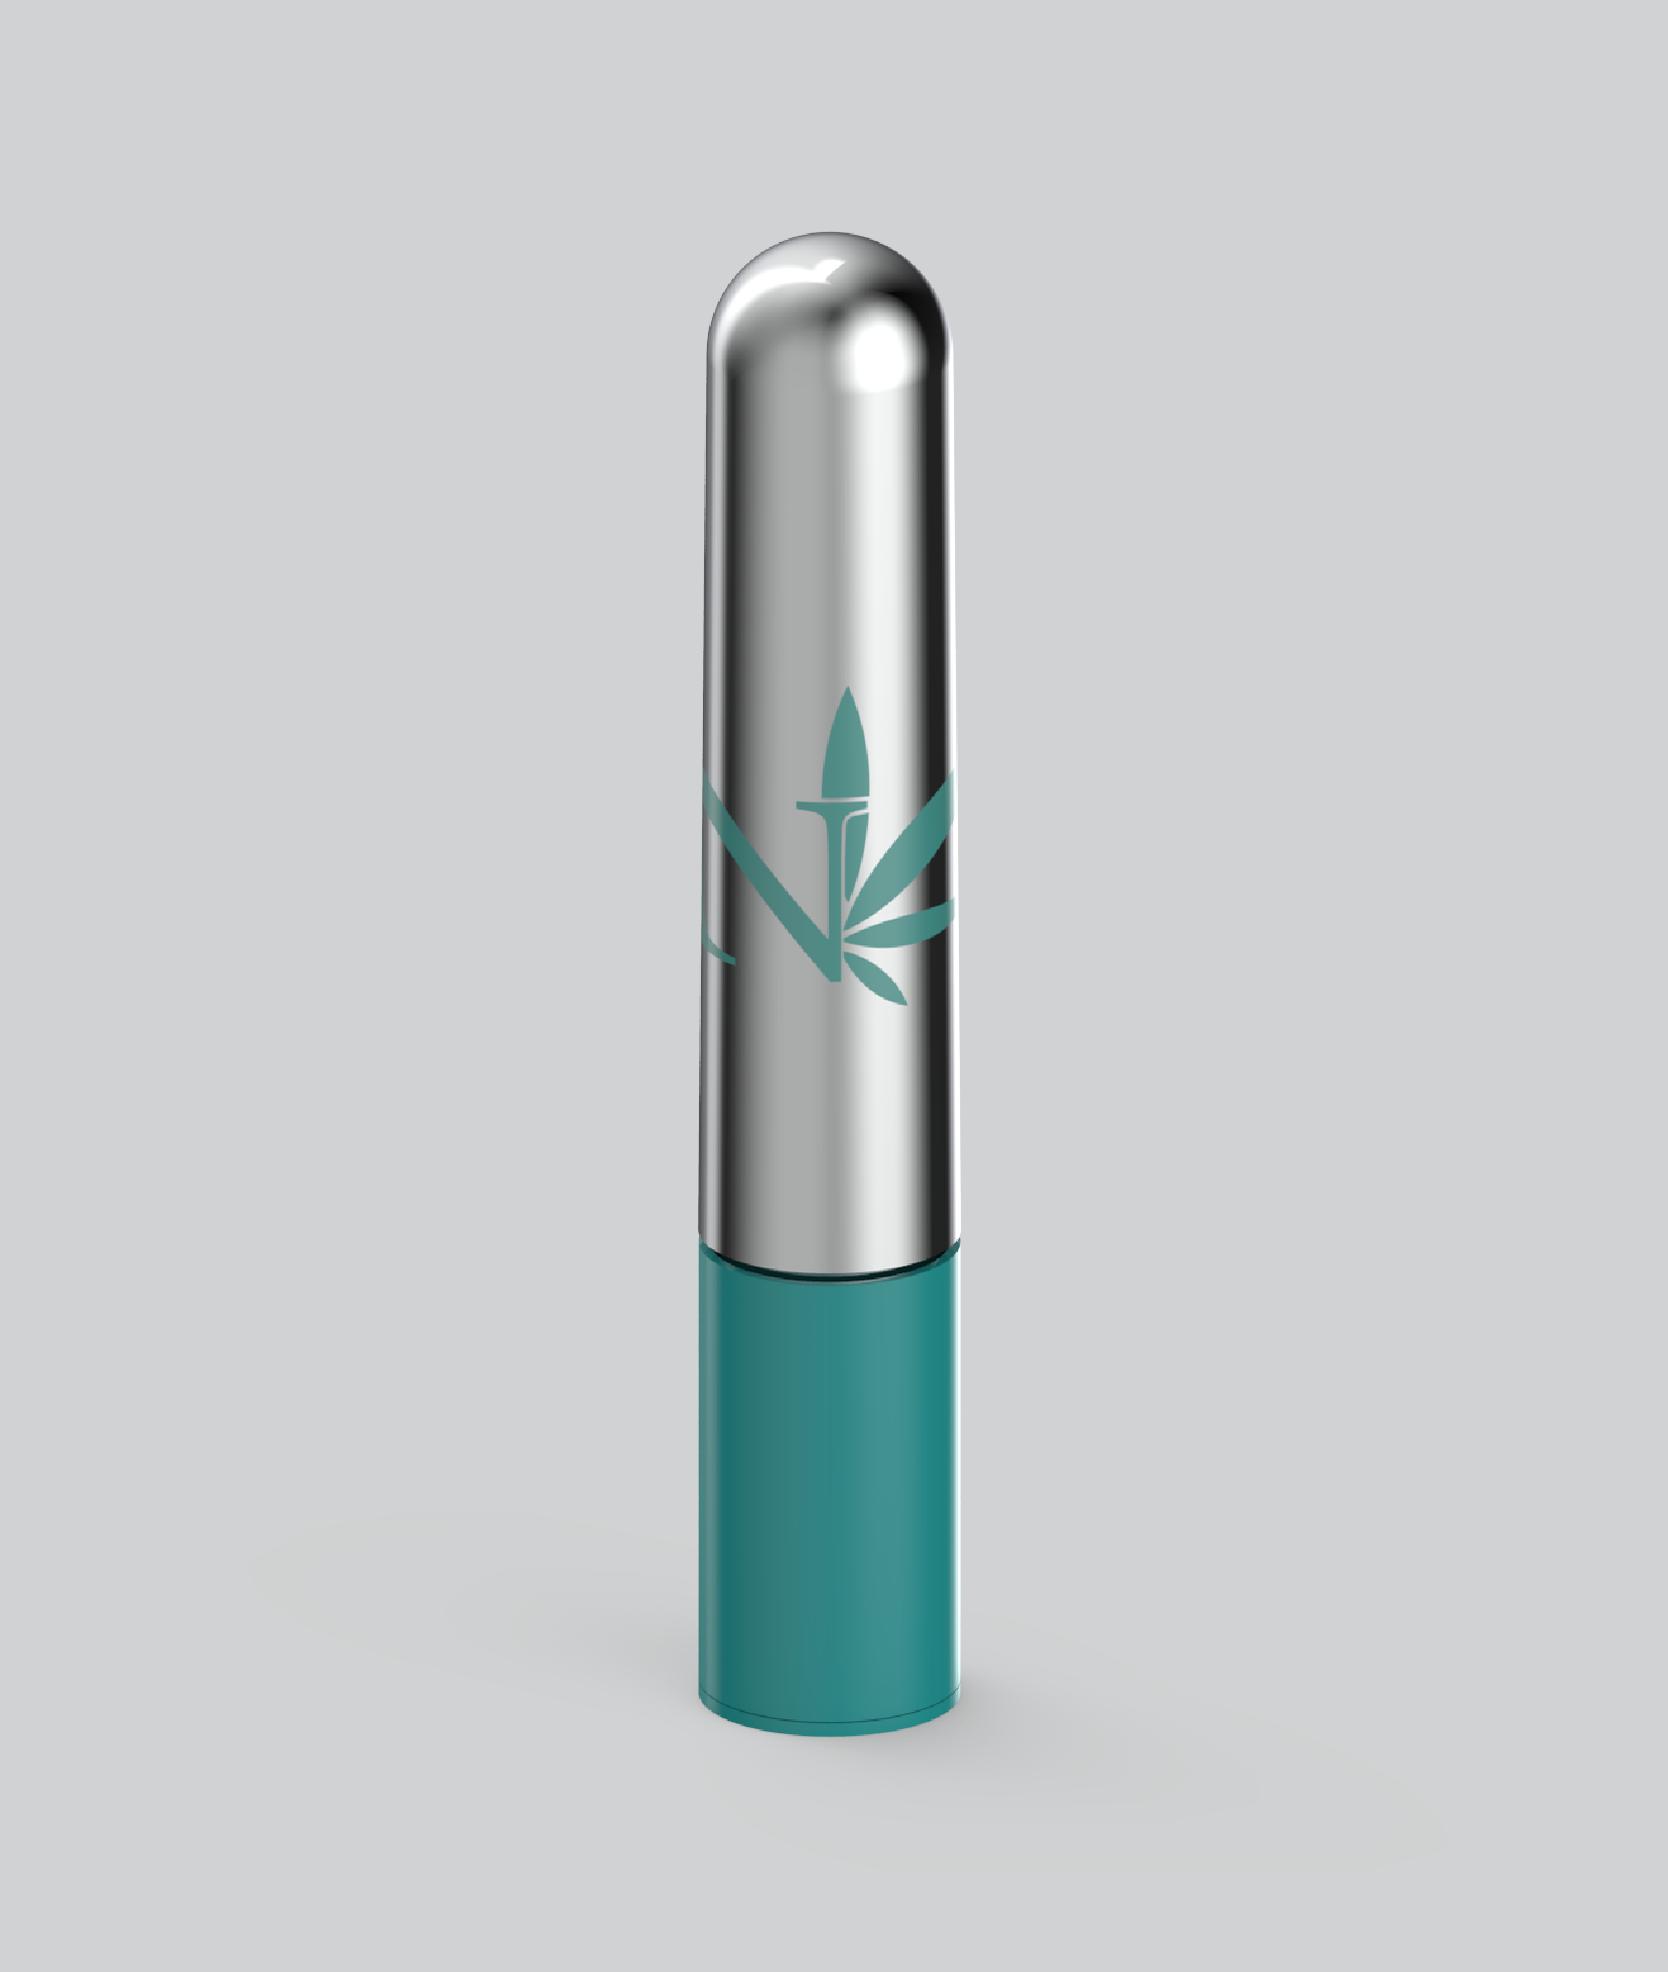 nleaf-custom-five10-pre-roll-tube